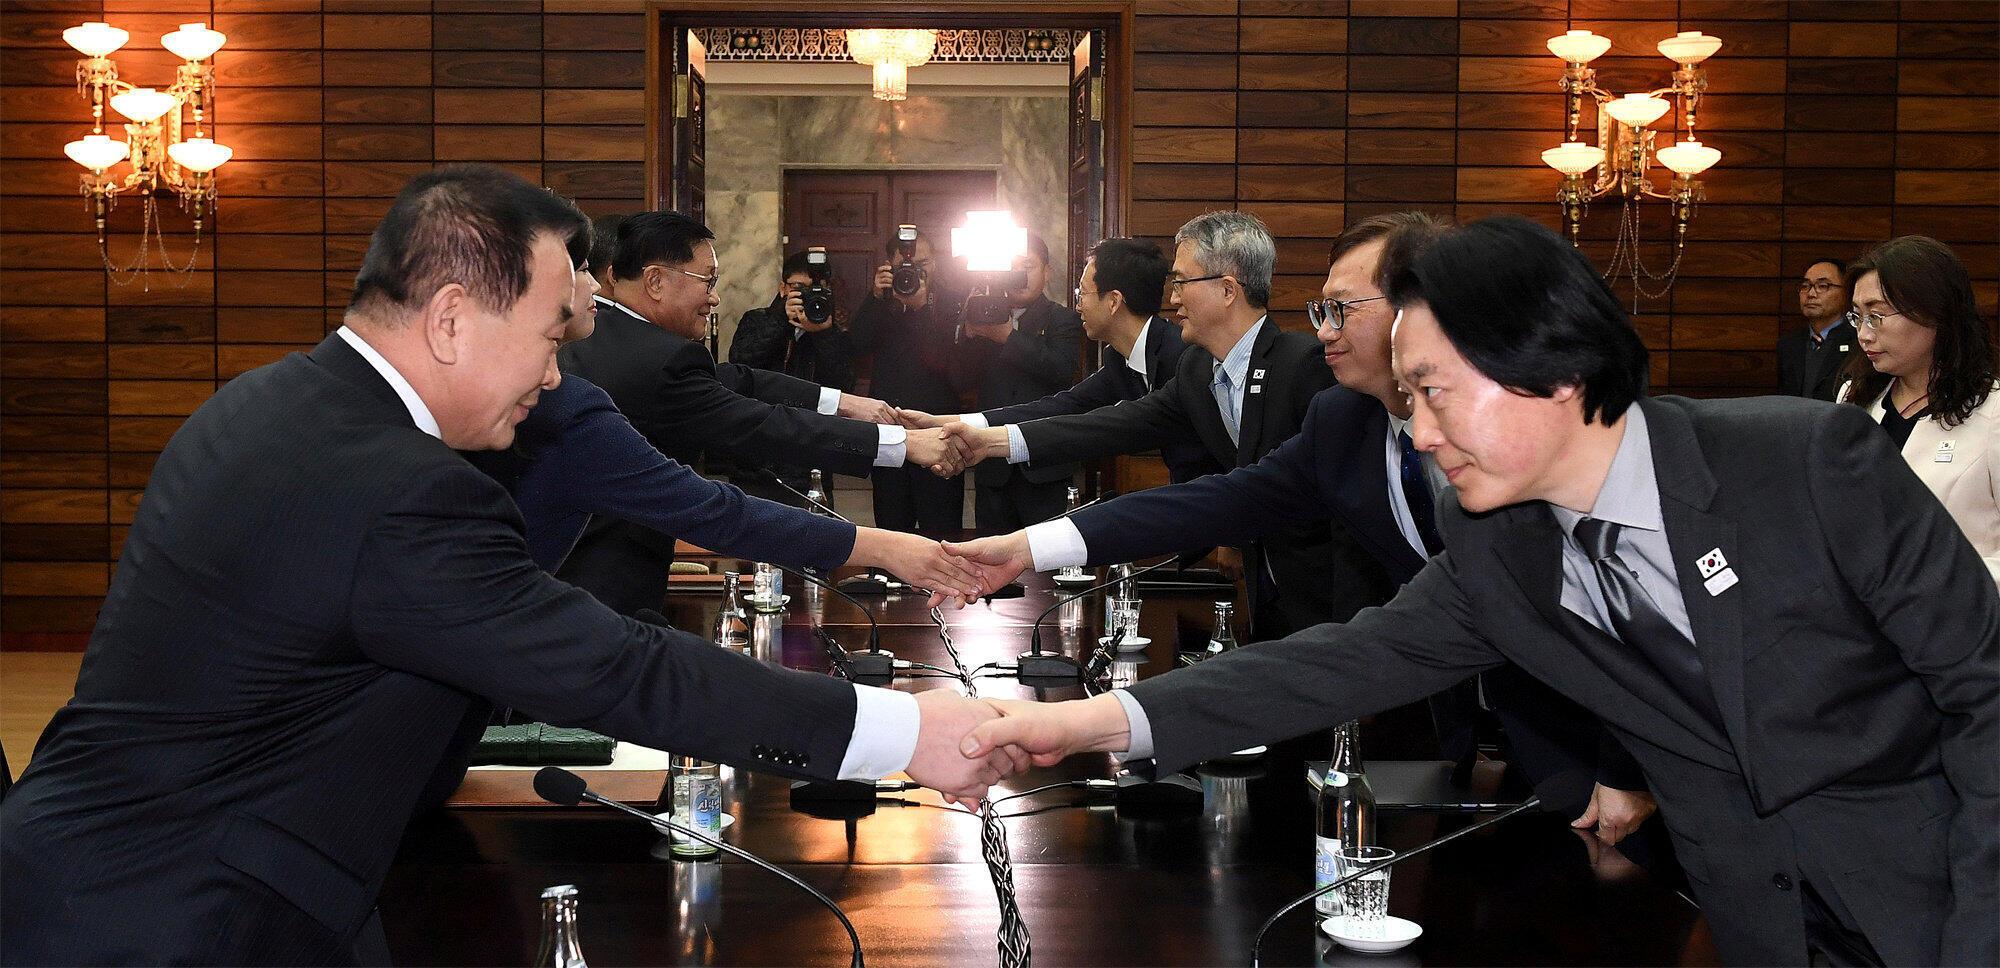 Les délégations de Corée du Nord et du Sud, le 15 janvier 2018, au village frontalier de Panmunjom (côté Nord), lors de négociations sur la présence d'artistes nord-coréens aux Jeux olympiques de Pyeongchang.